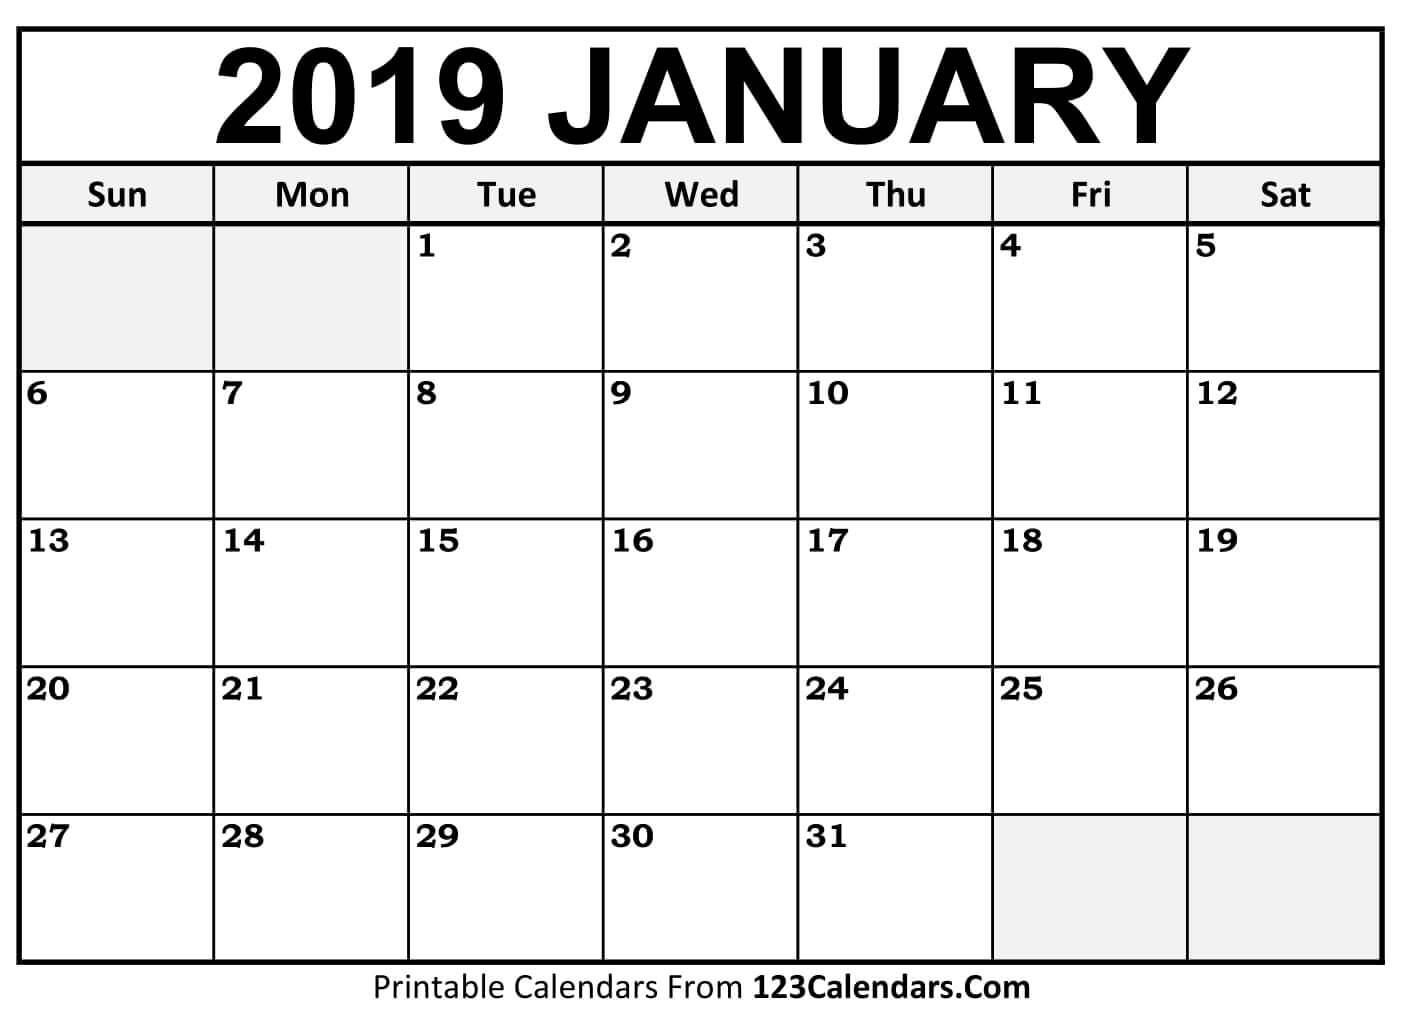 Printable Calendars Com